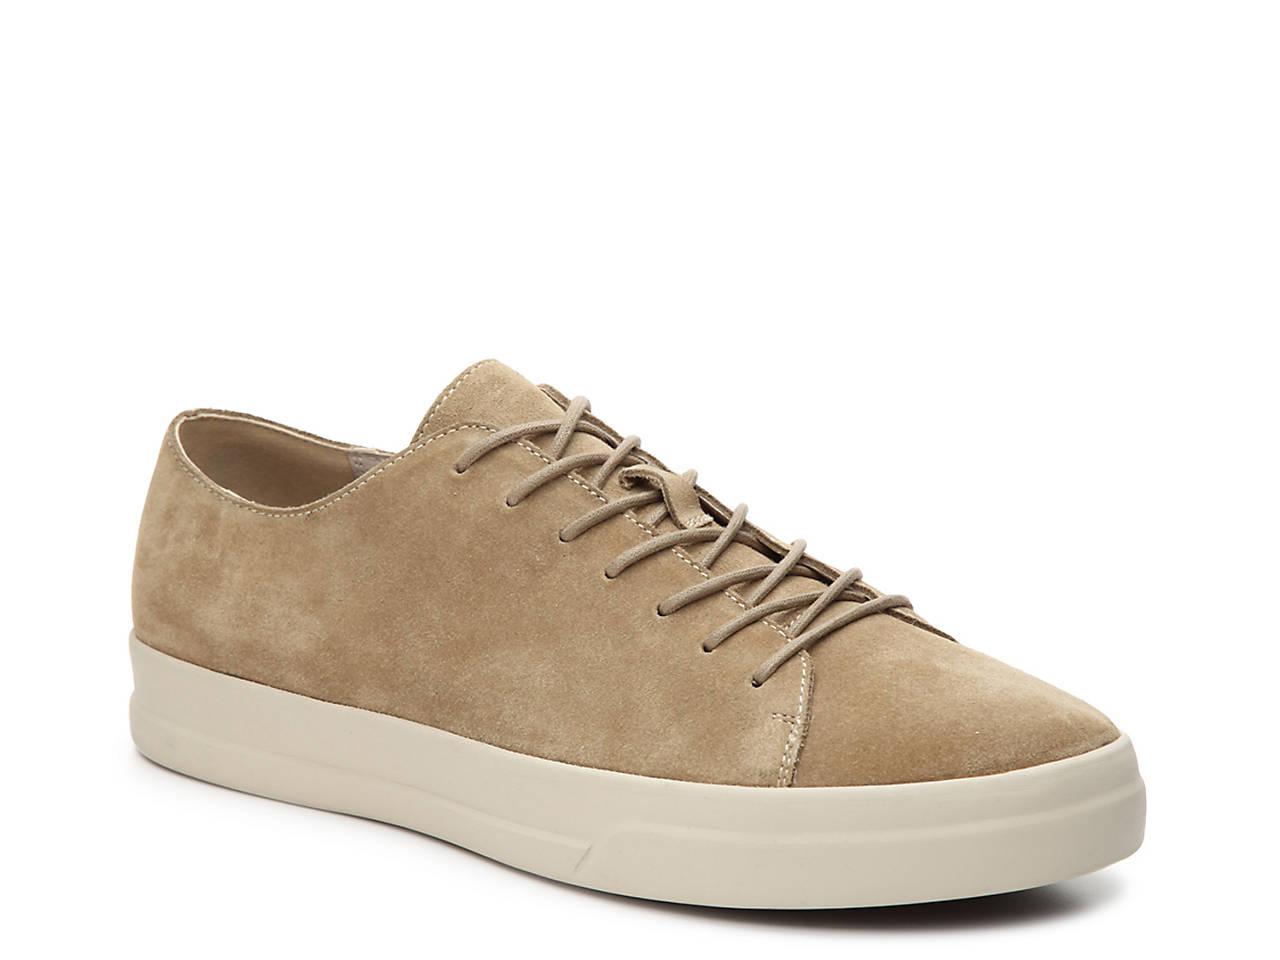 Athruis Sneaker by Aston Grey